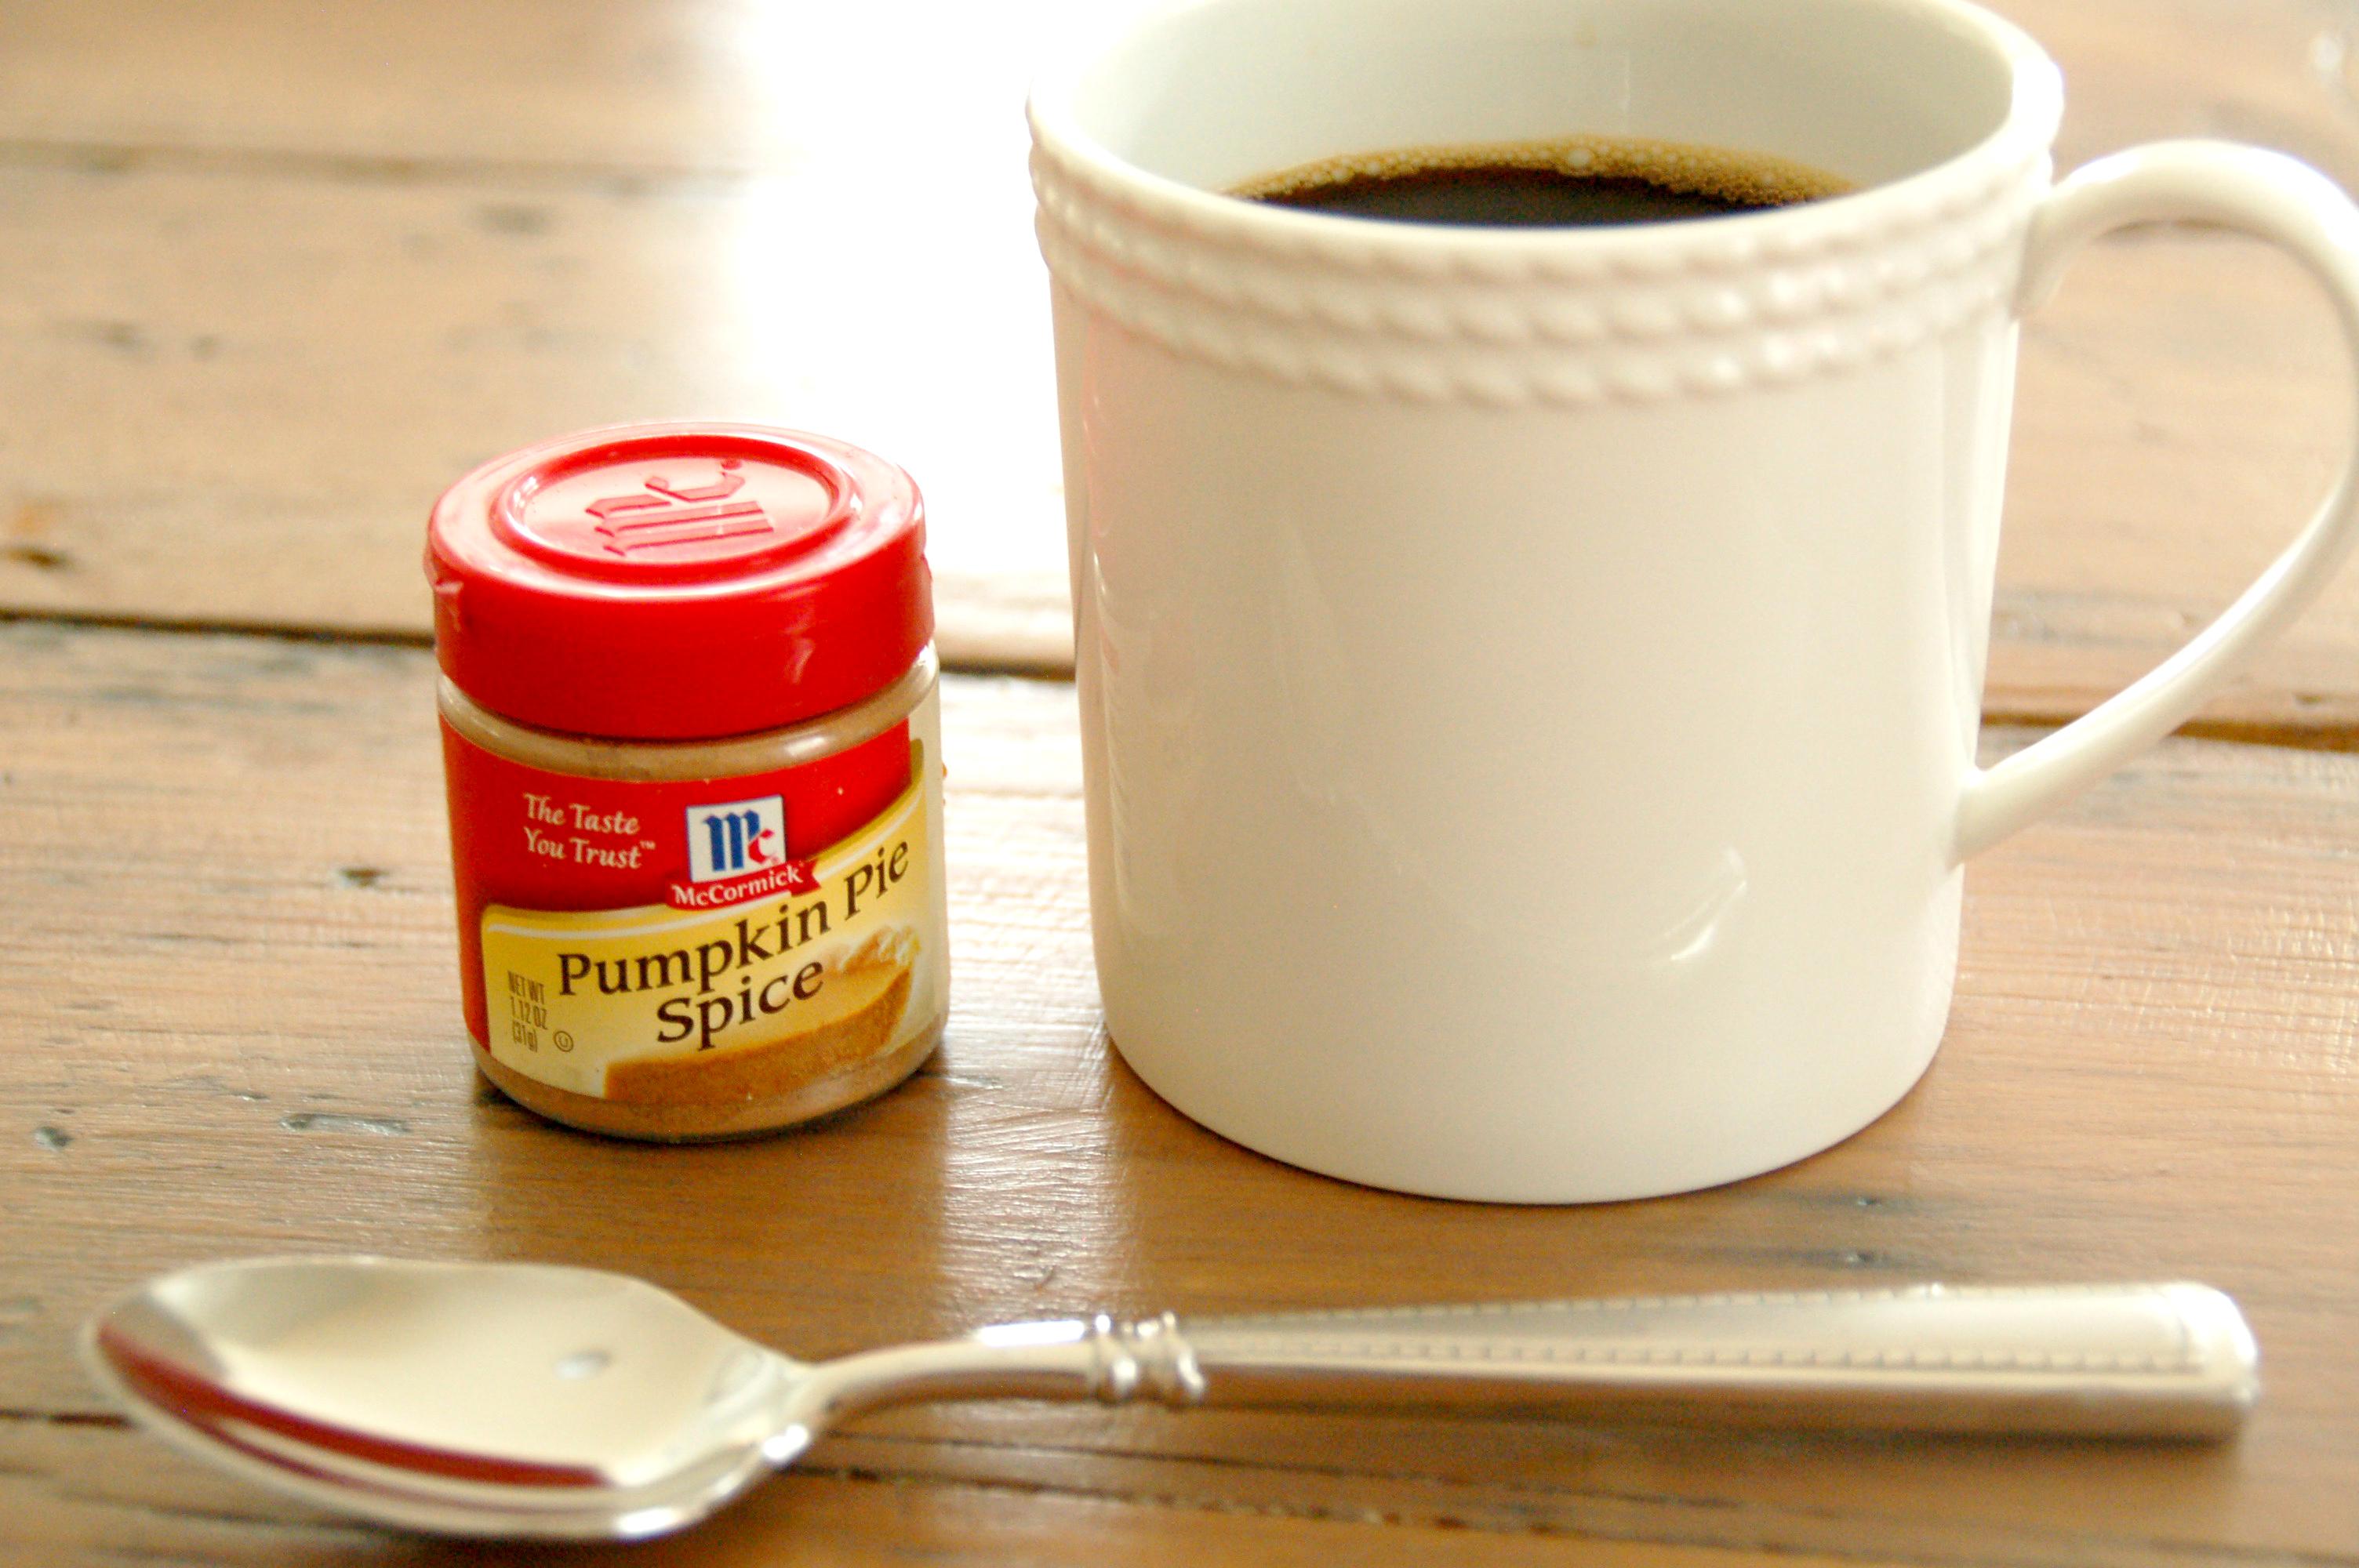 Benefits of Pumpkin Pie Spice